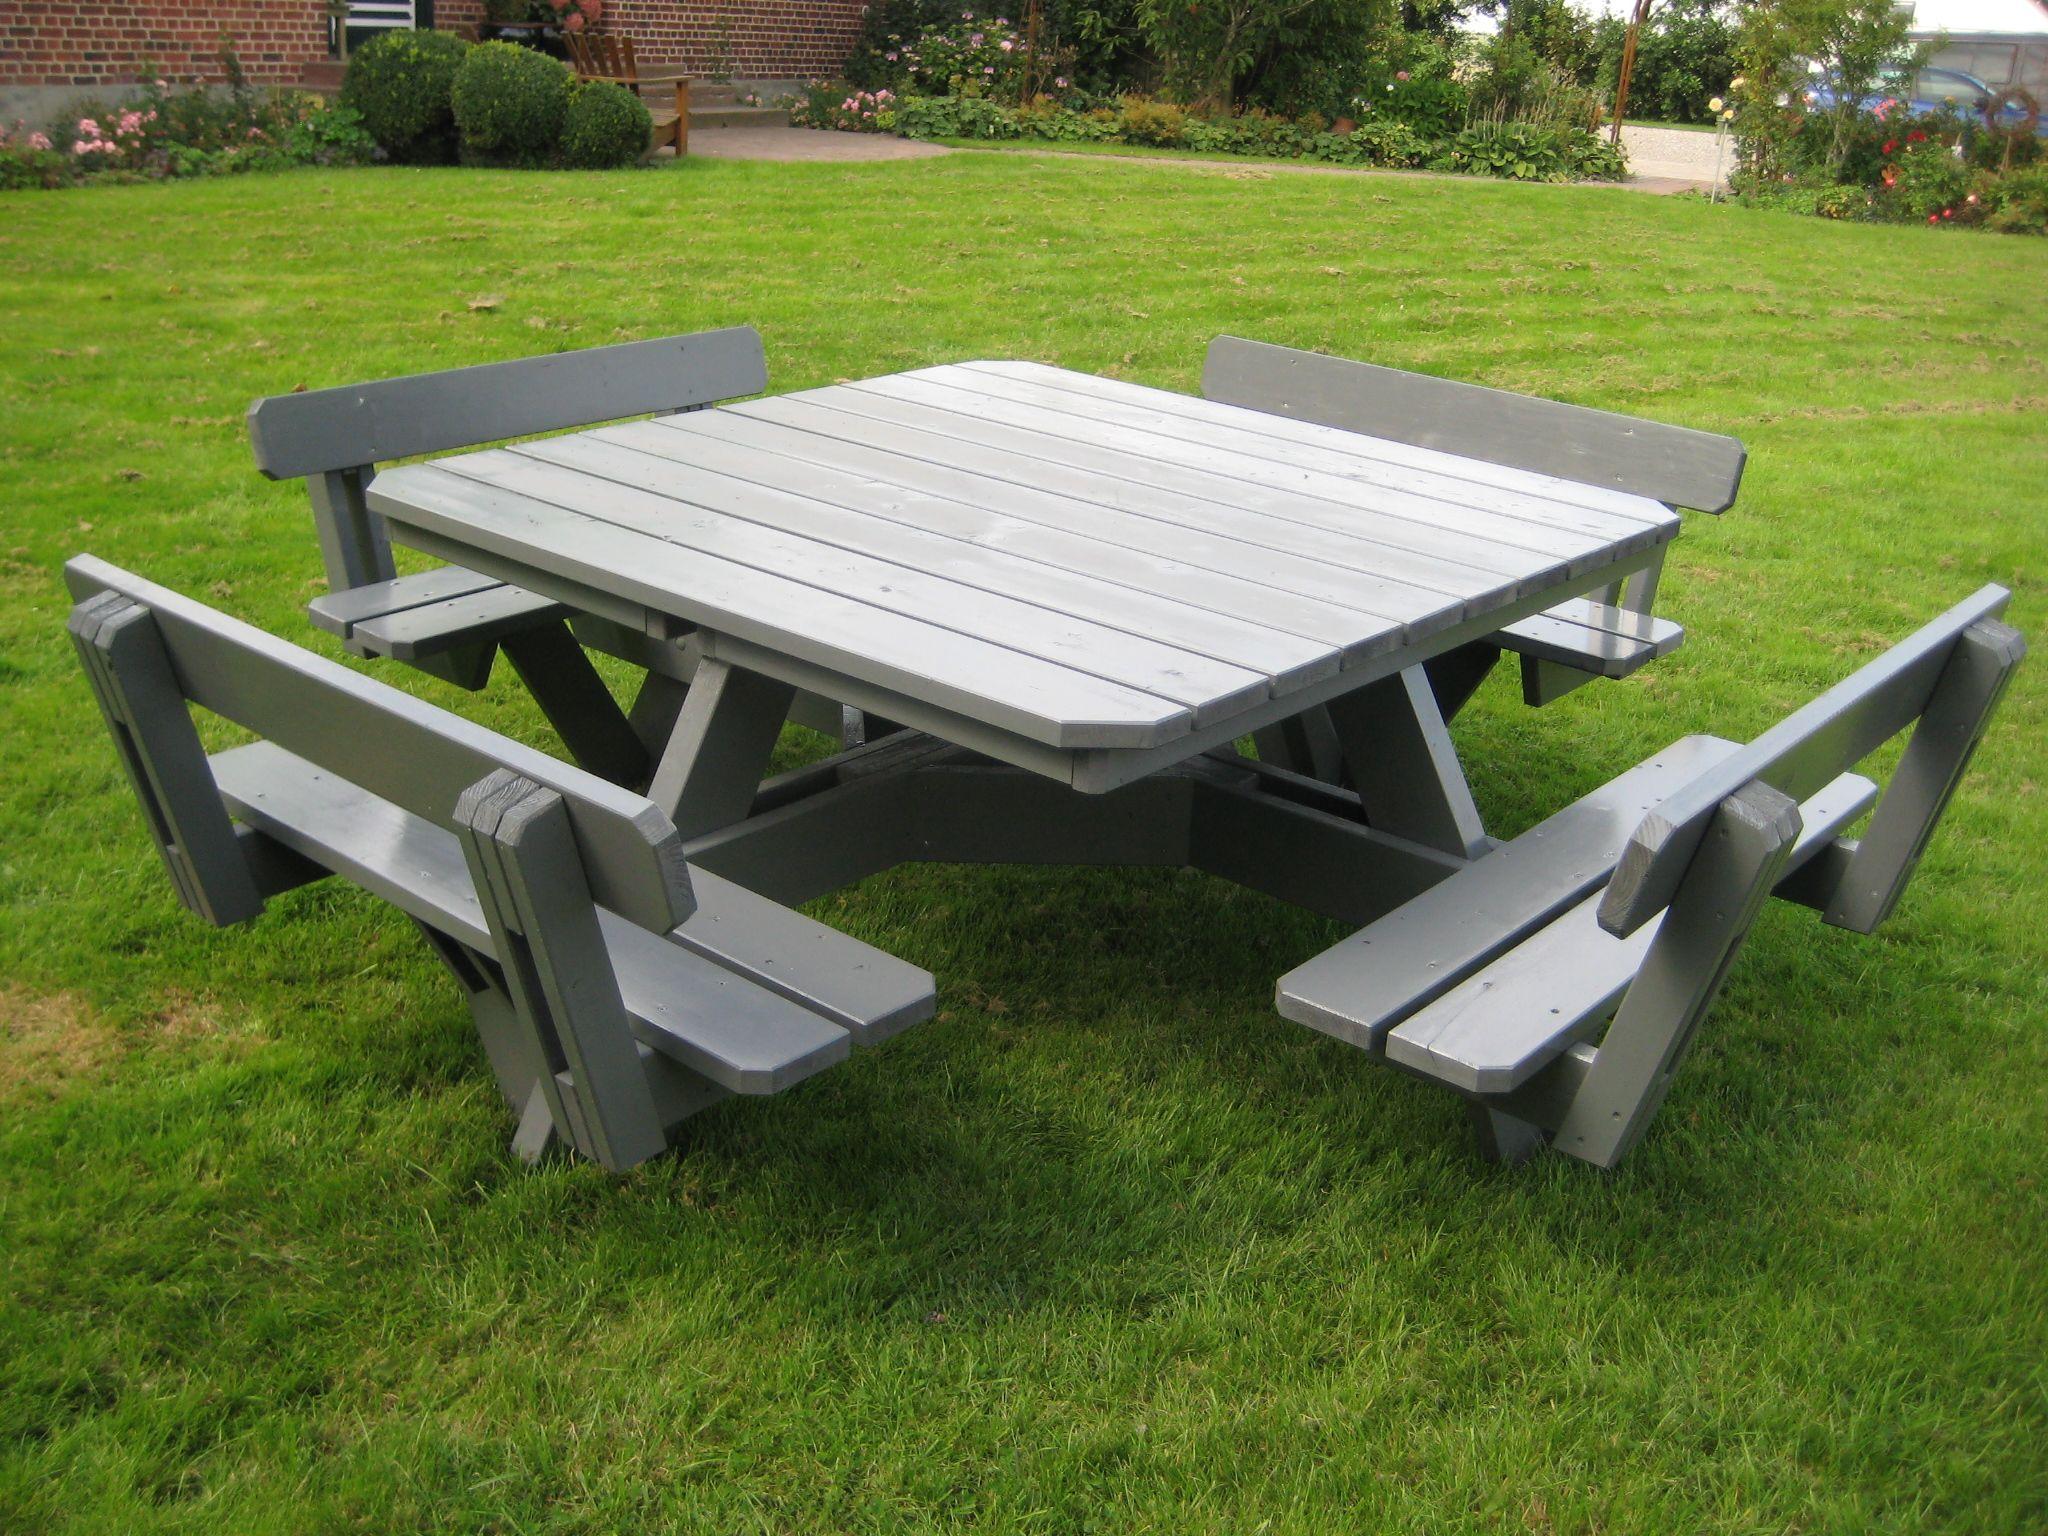 Eckiger Gartentisch Mit 8 Festmontieren Sitzplatzen Und